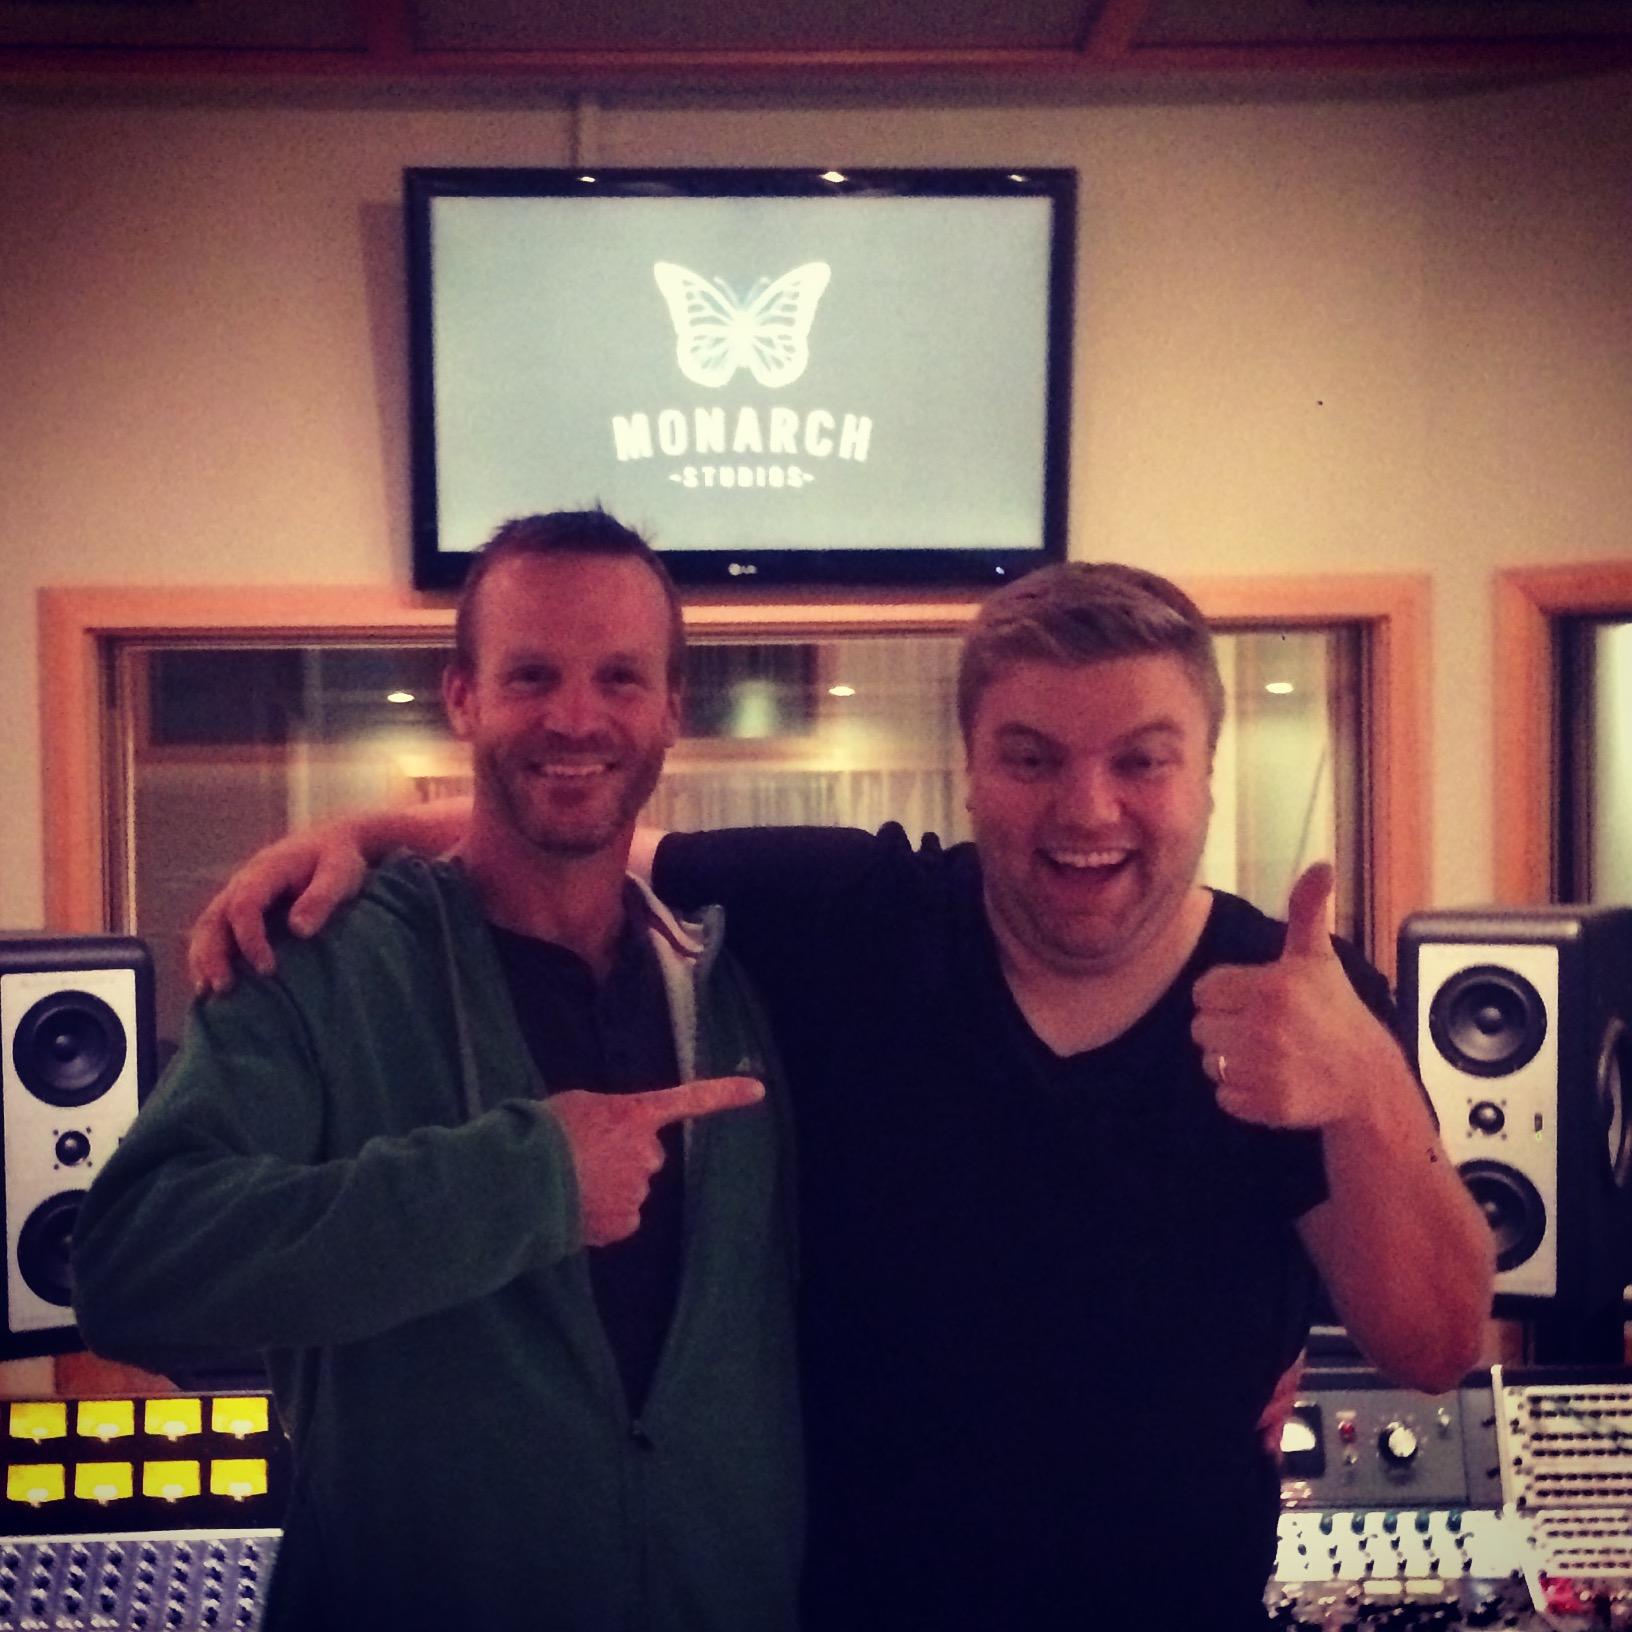 Monarch Studios